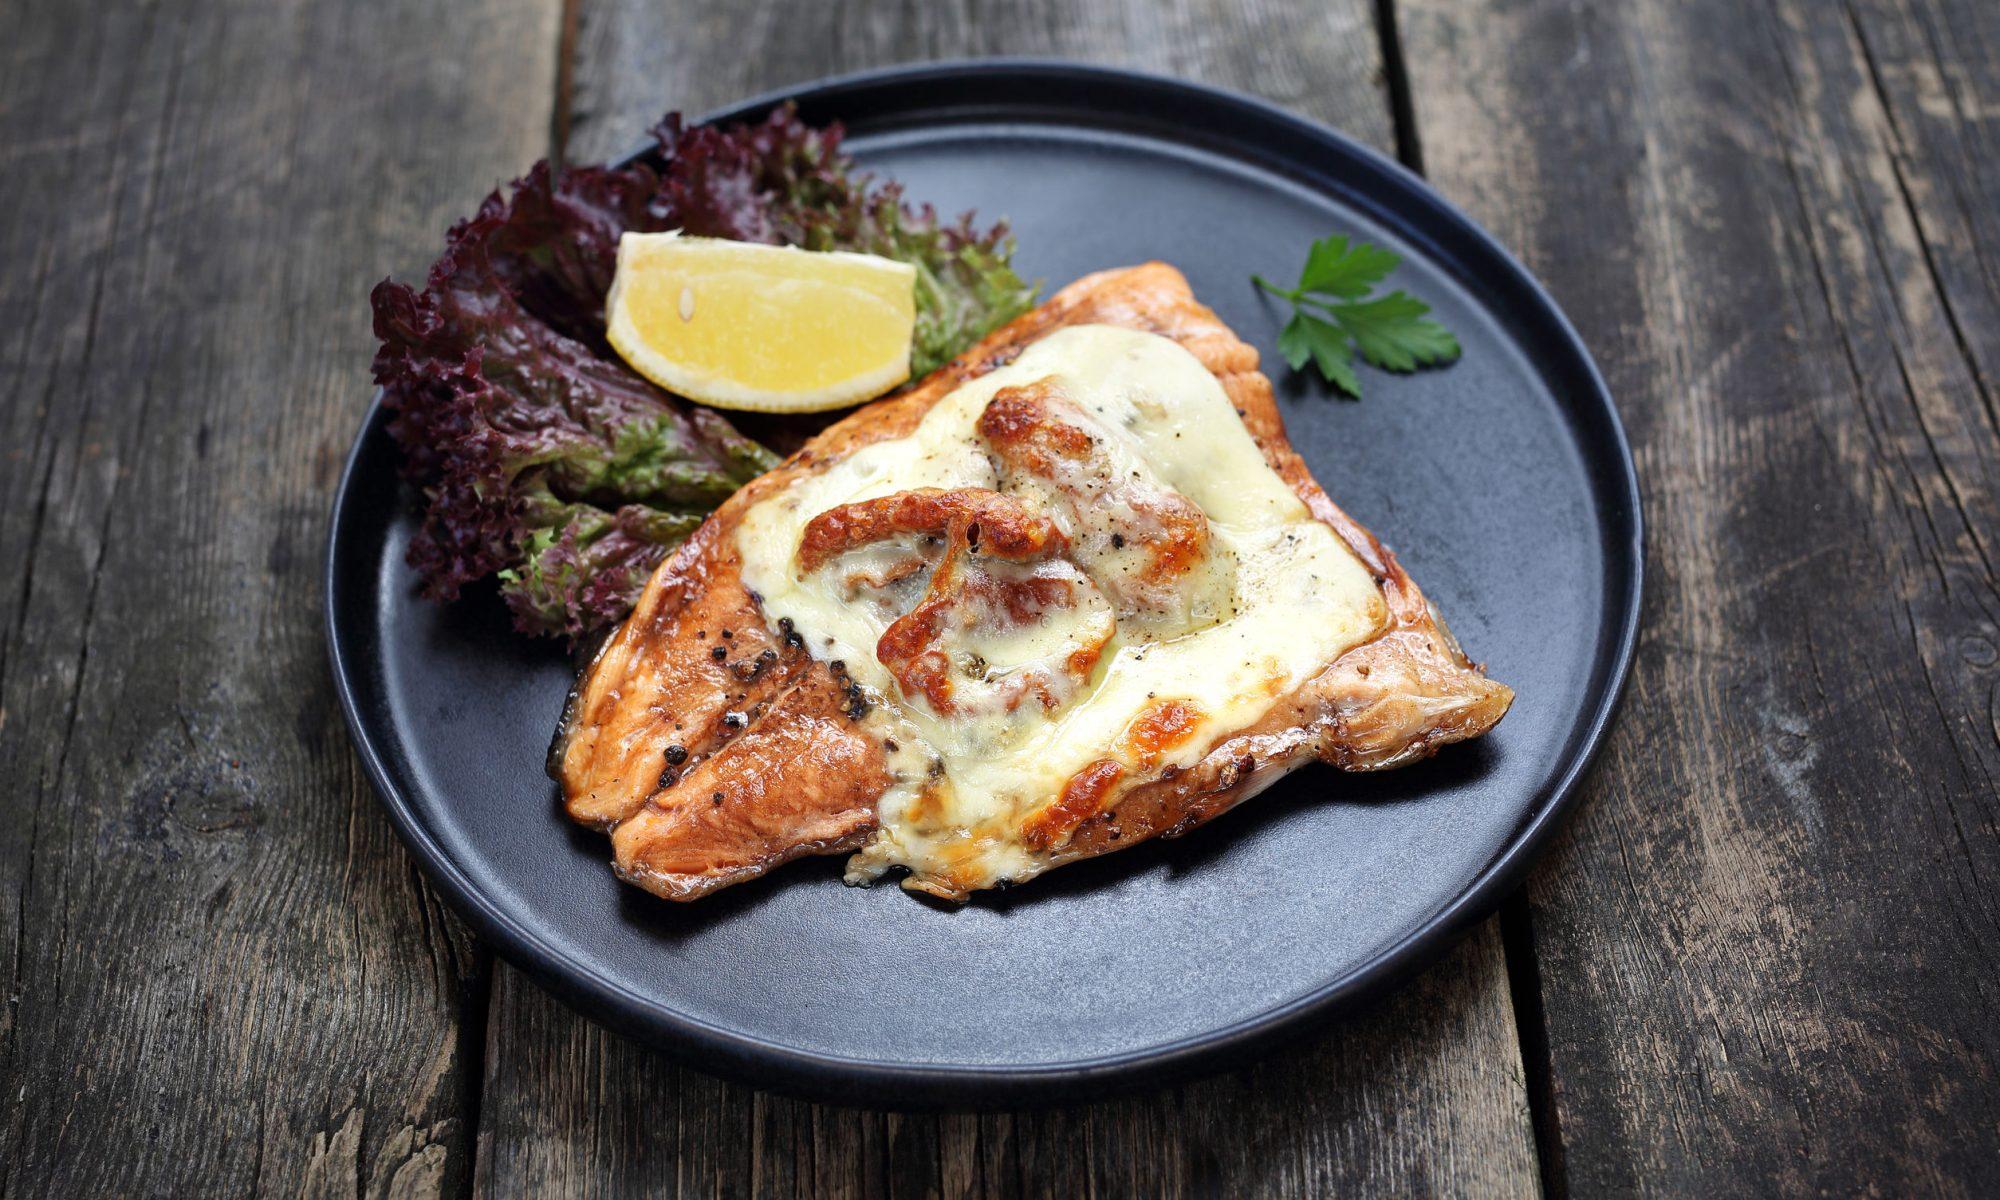 Запечённая форель с соусом из авокадо и базилика – блюдо ресторанного уровня. Помимо аппетитного вида и изысканного аромата, оно есть источником полезных жиров и высококачественных белков.